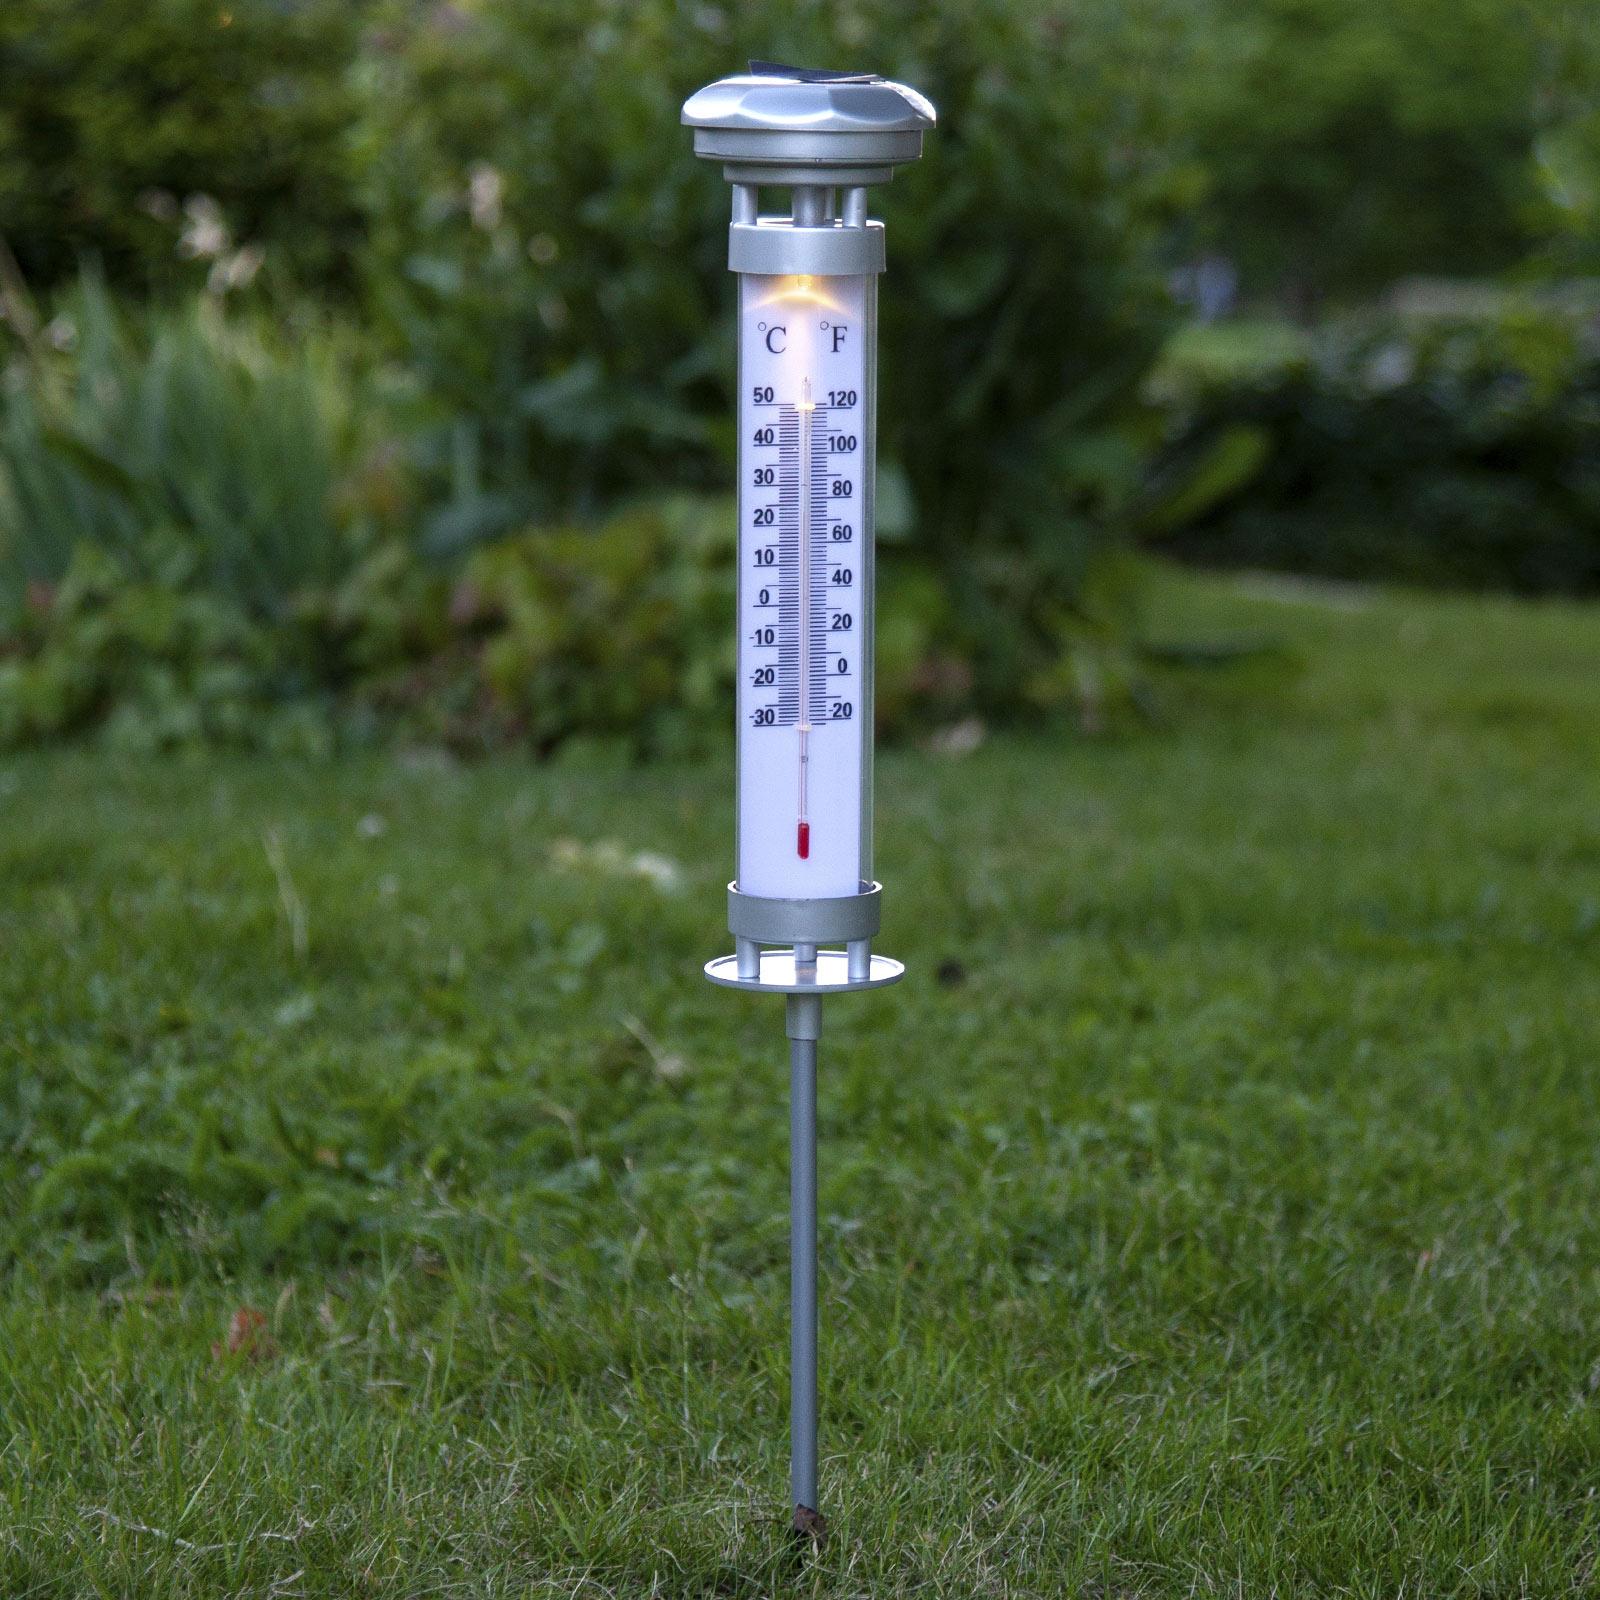 Lampada LED solare Celsius, termometro esterno